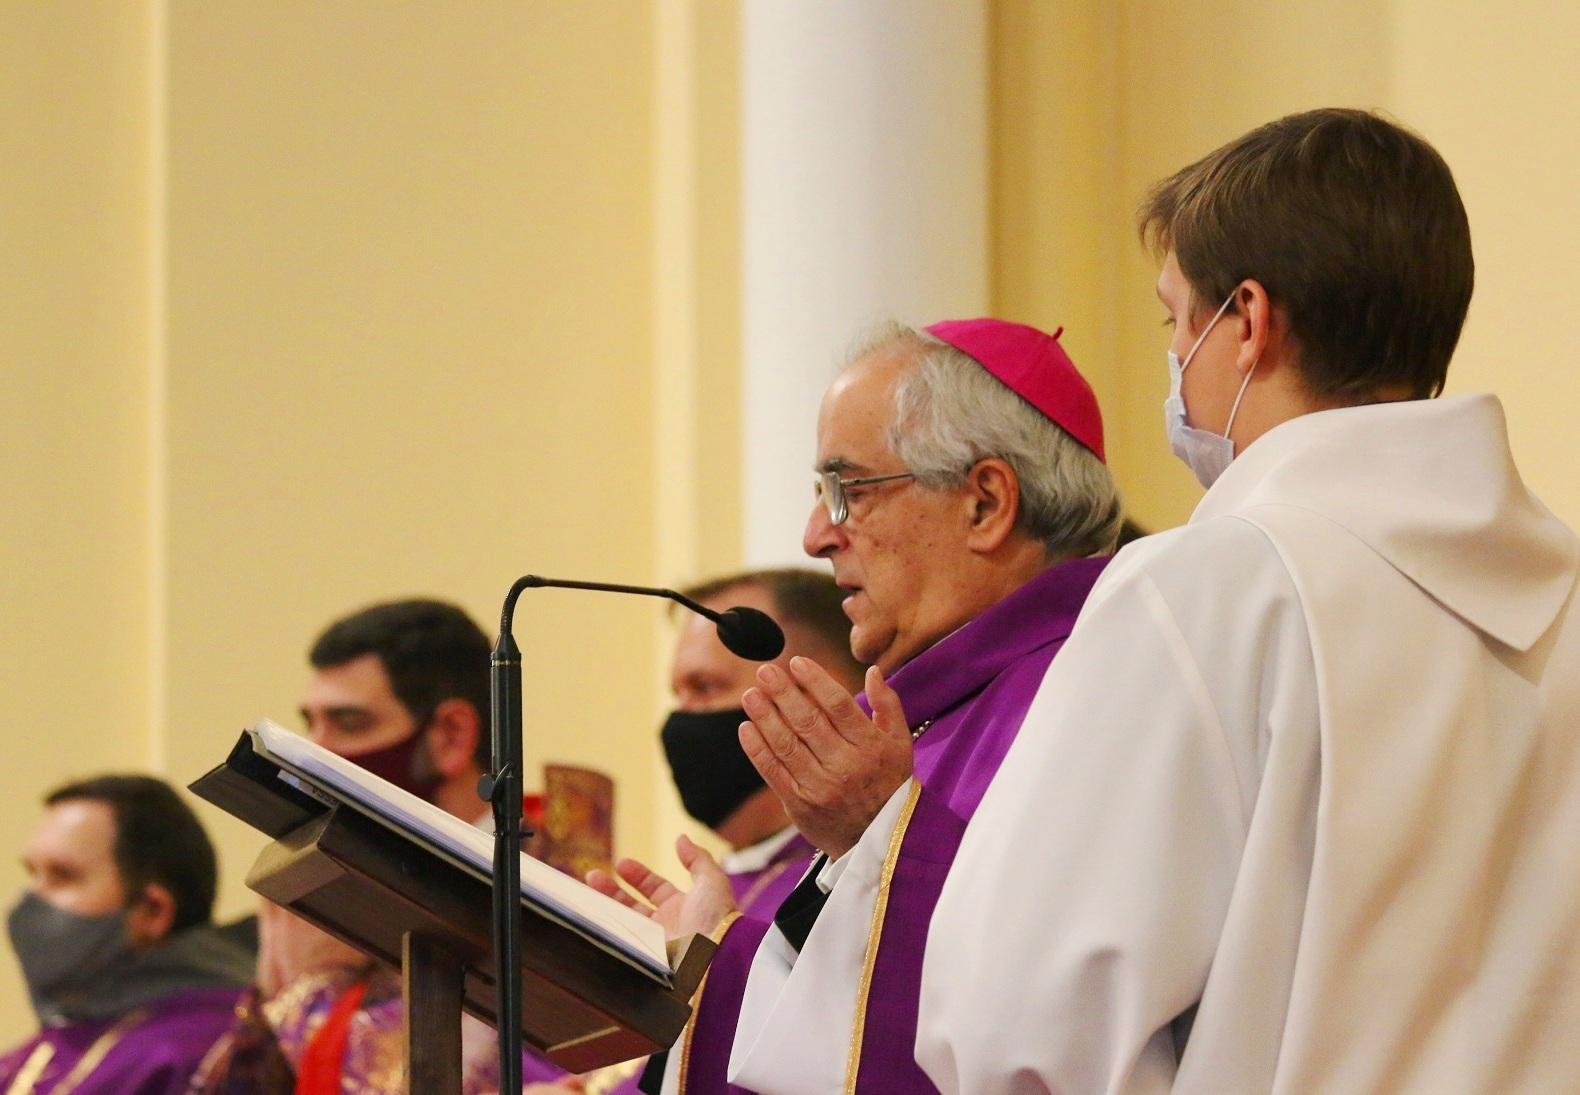 Нунций: Христиан Ближнего Востока должен поддерживать весь мир